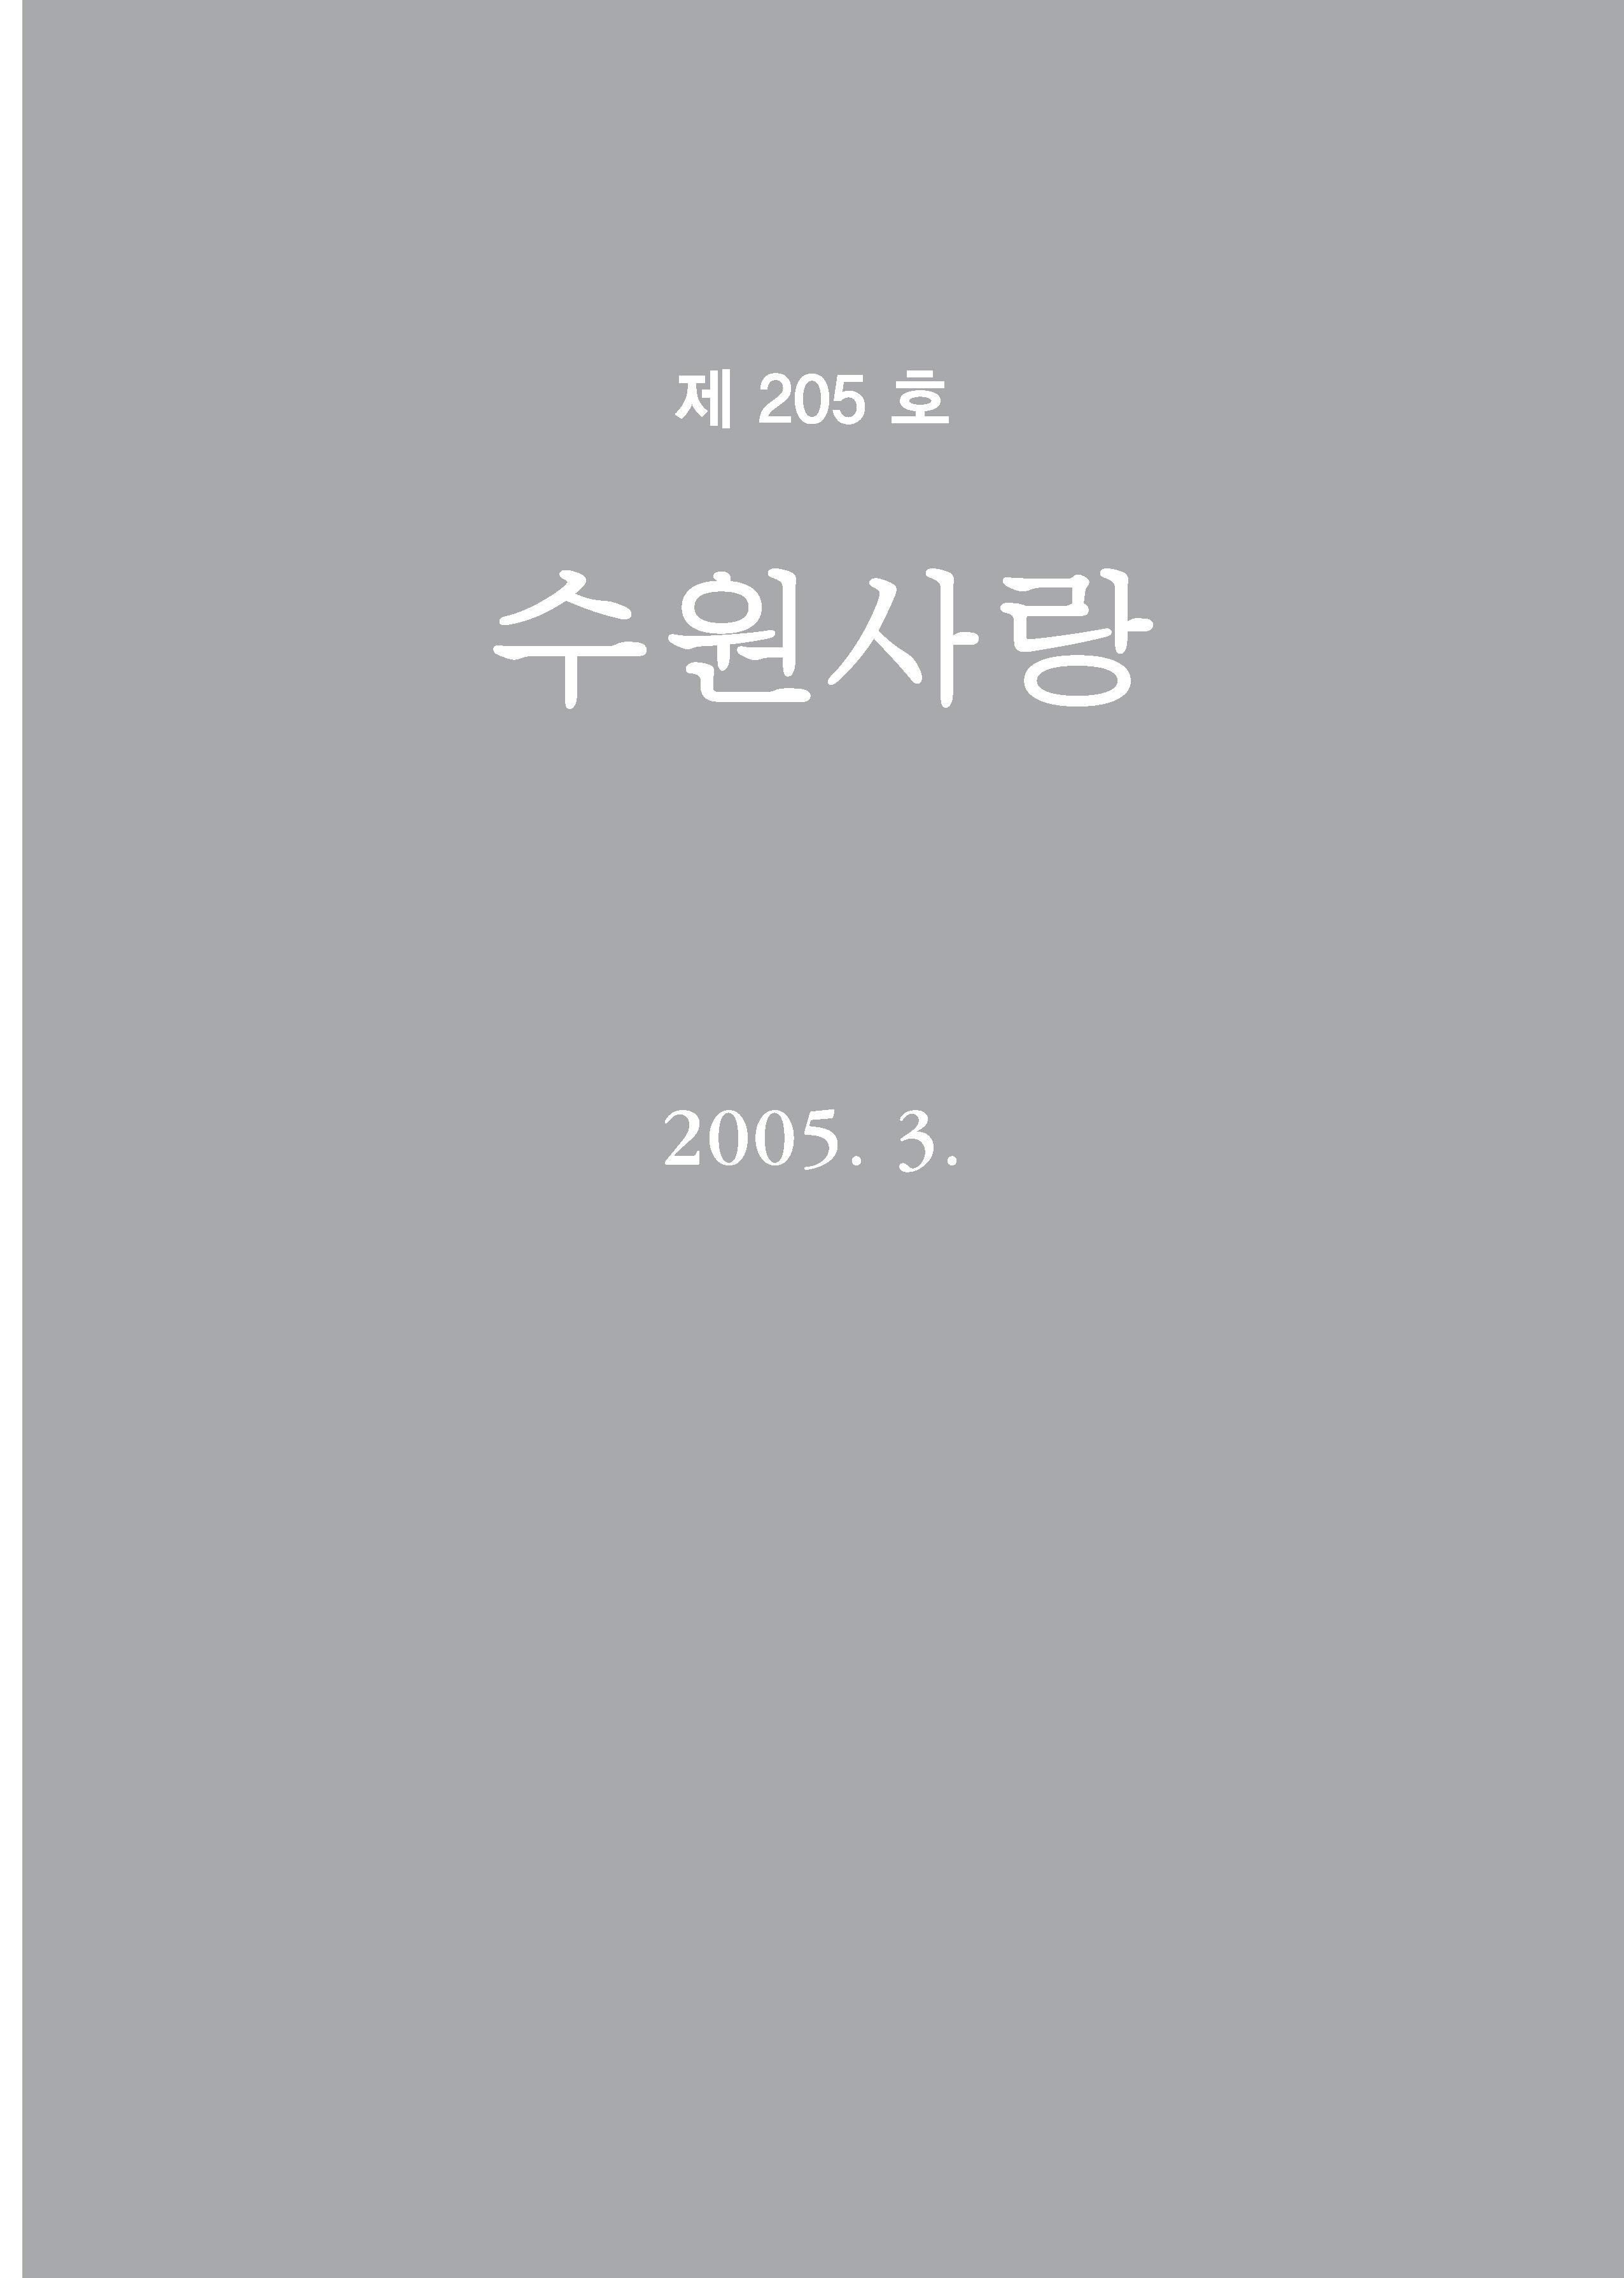 수원사랑 205호